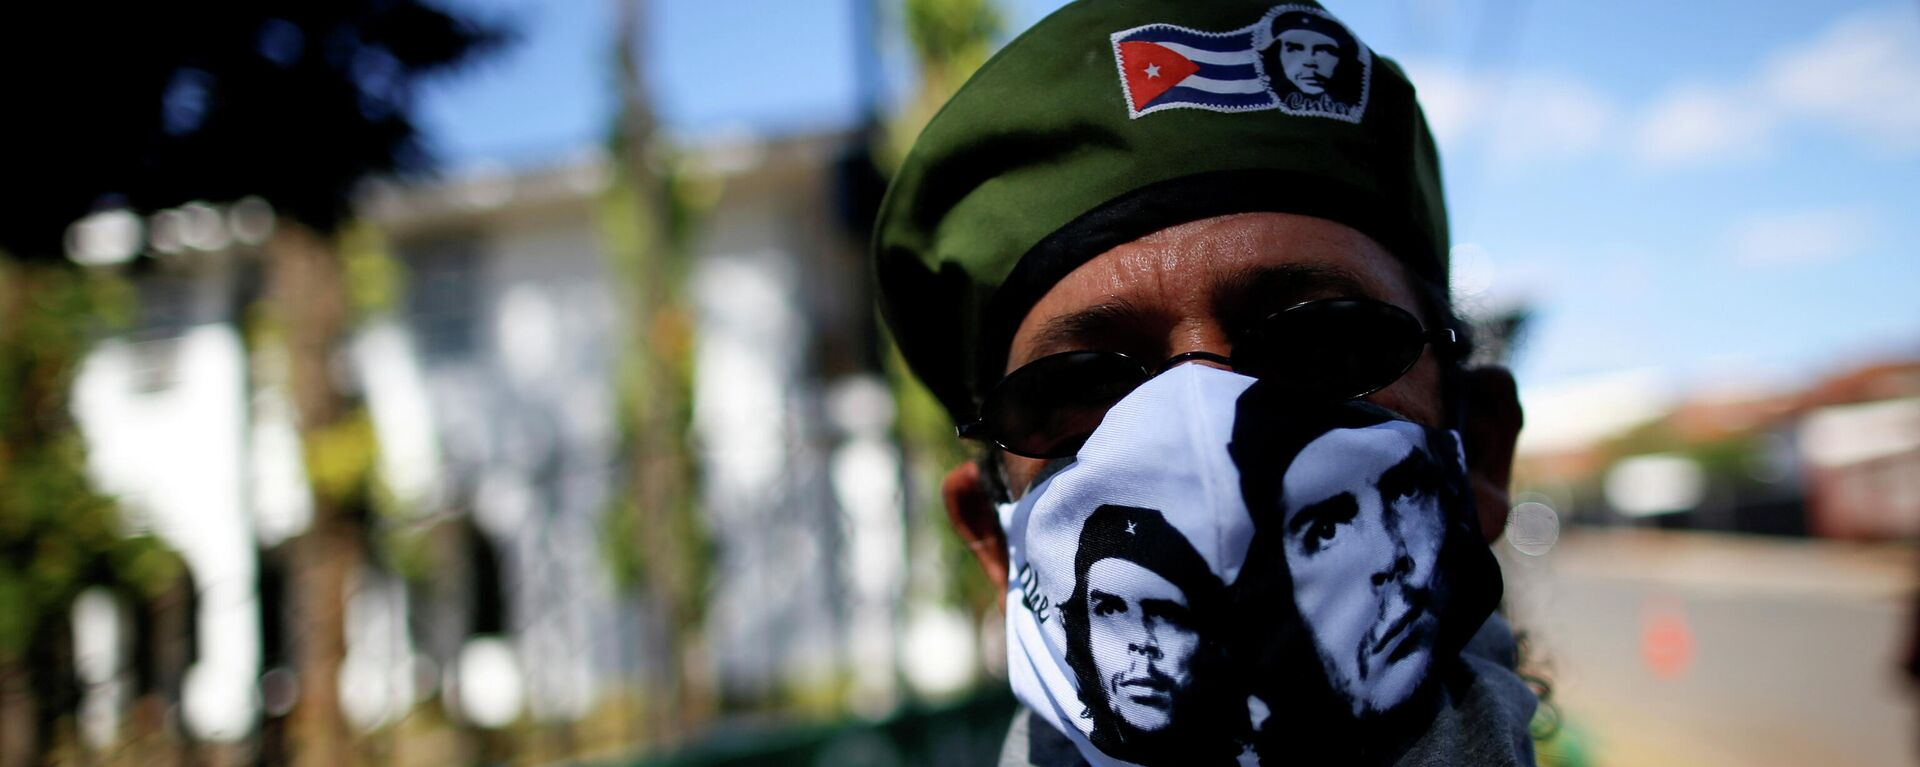 Un partidario del Gobierno cubano - Sputnik Mundo, 1920, 14.07.2021